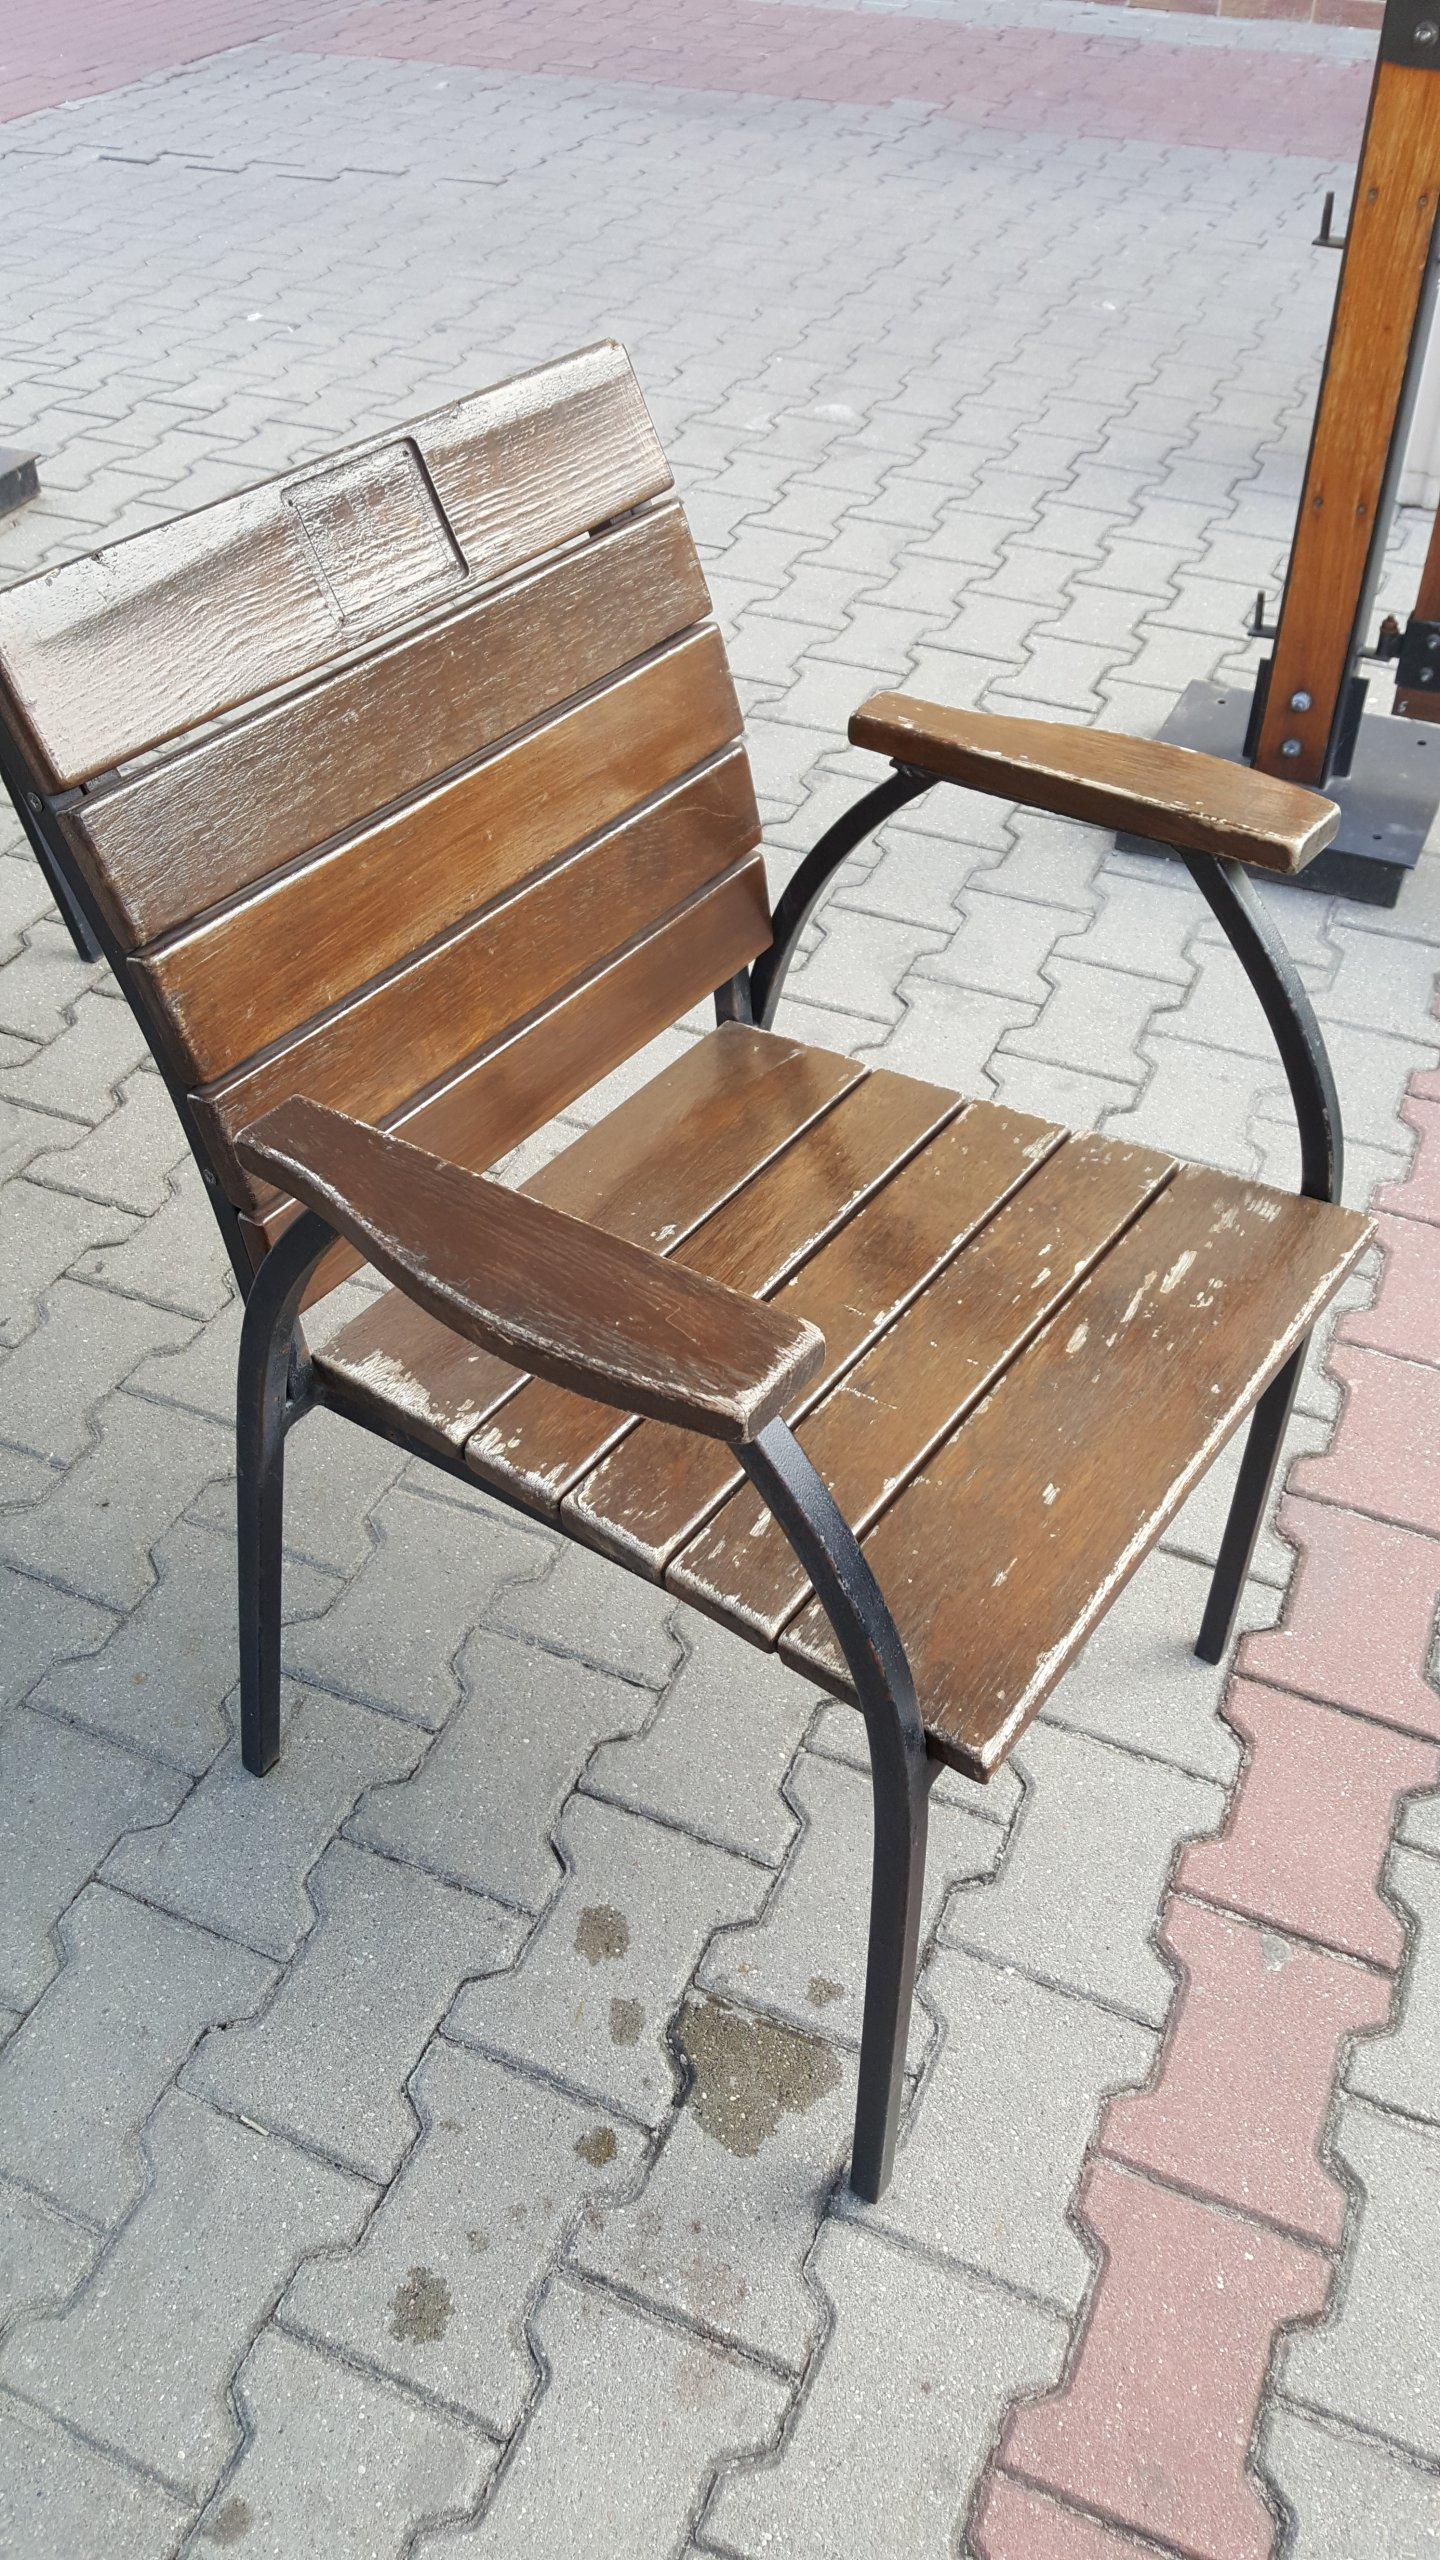 Młodzieńczy Meble ogrodowe ogródek piwny stoły krzesła 3kpl. - 6860954332 JQ19